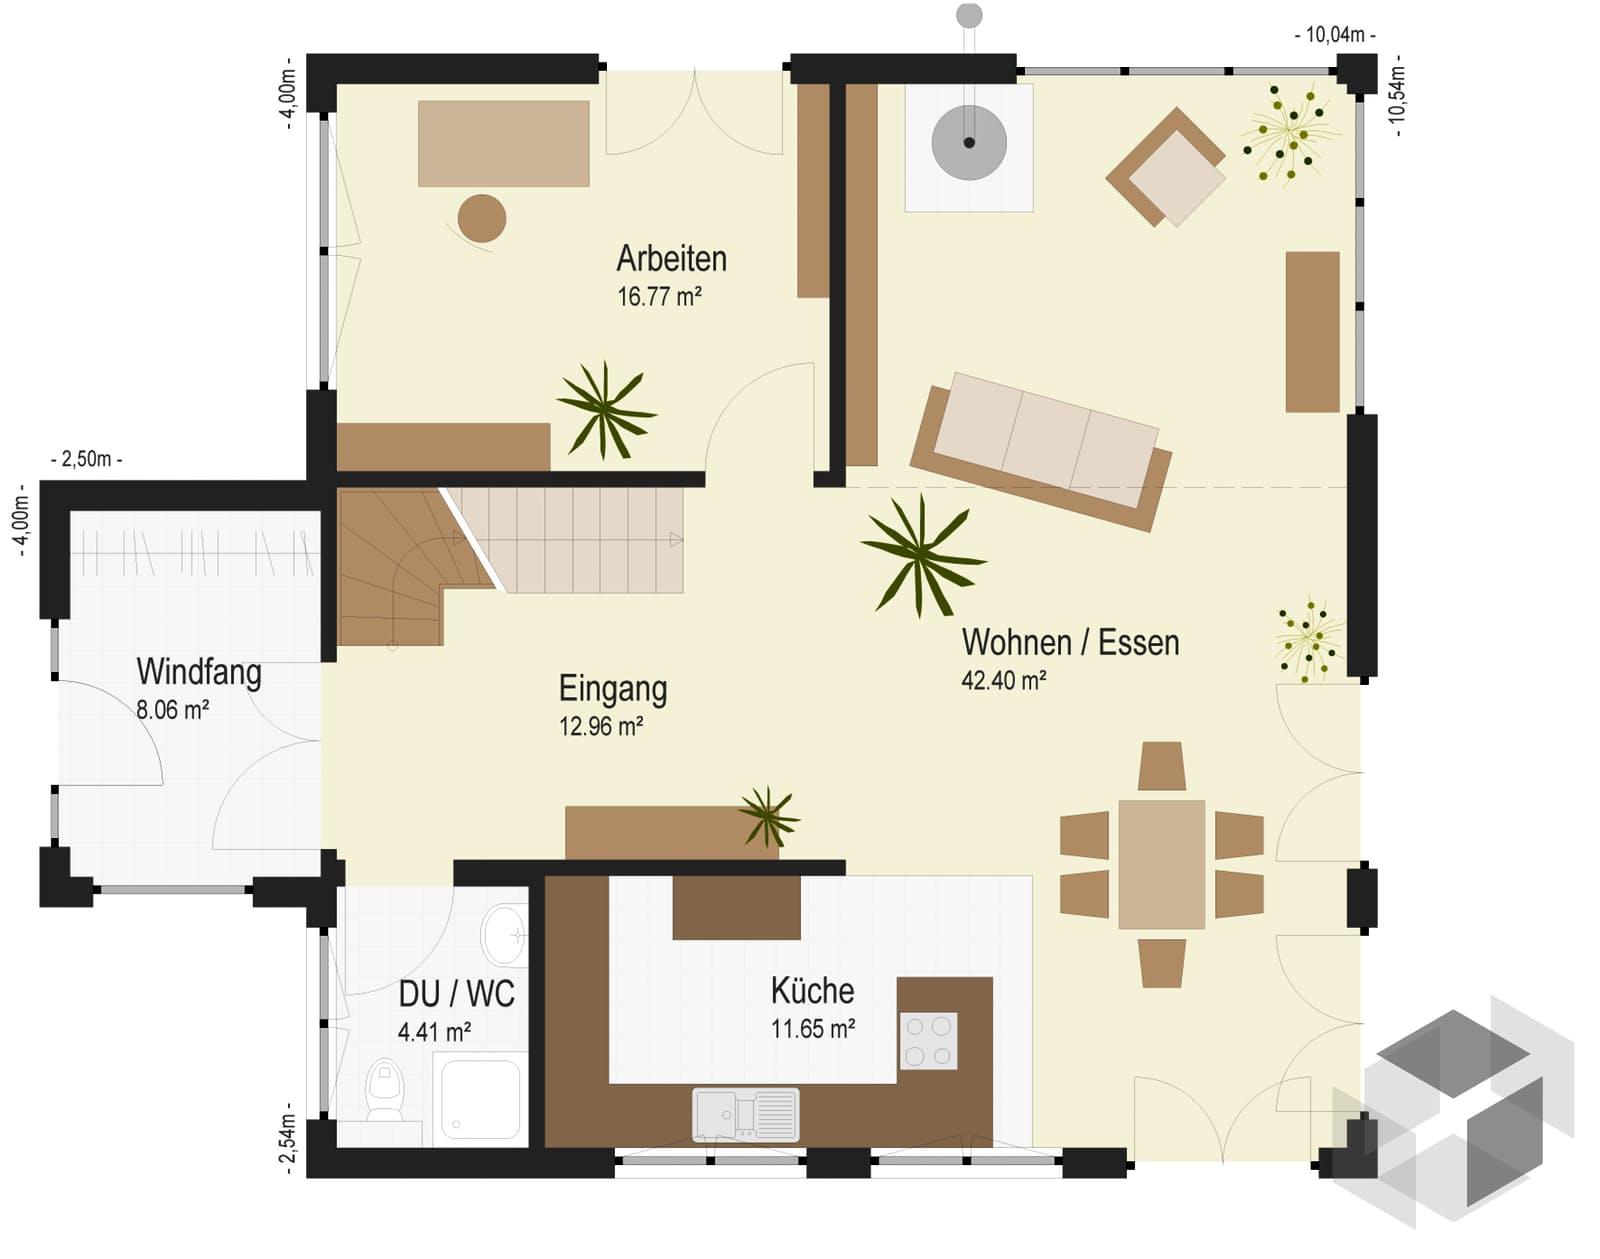 heidelberg von keitel haus komplette daten bersicht. Black Bedroom Furniture Sets. Home Design Ideas